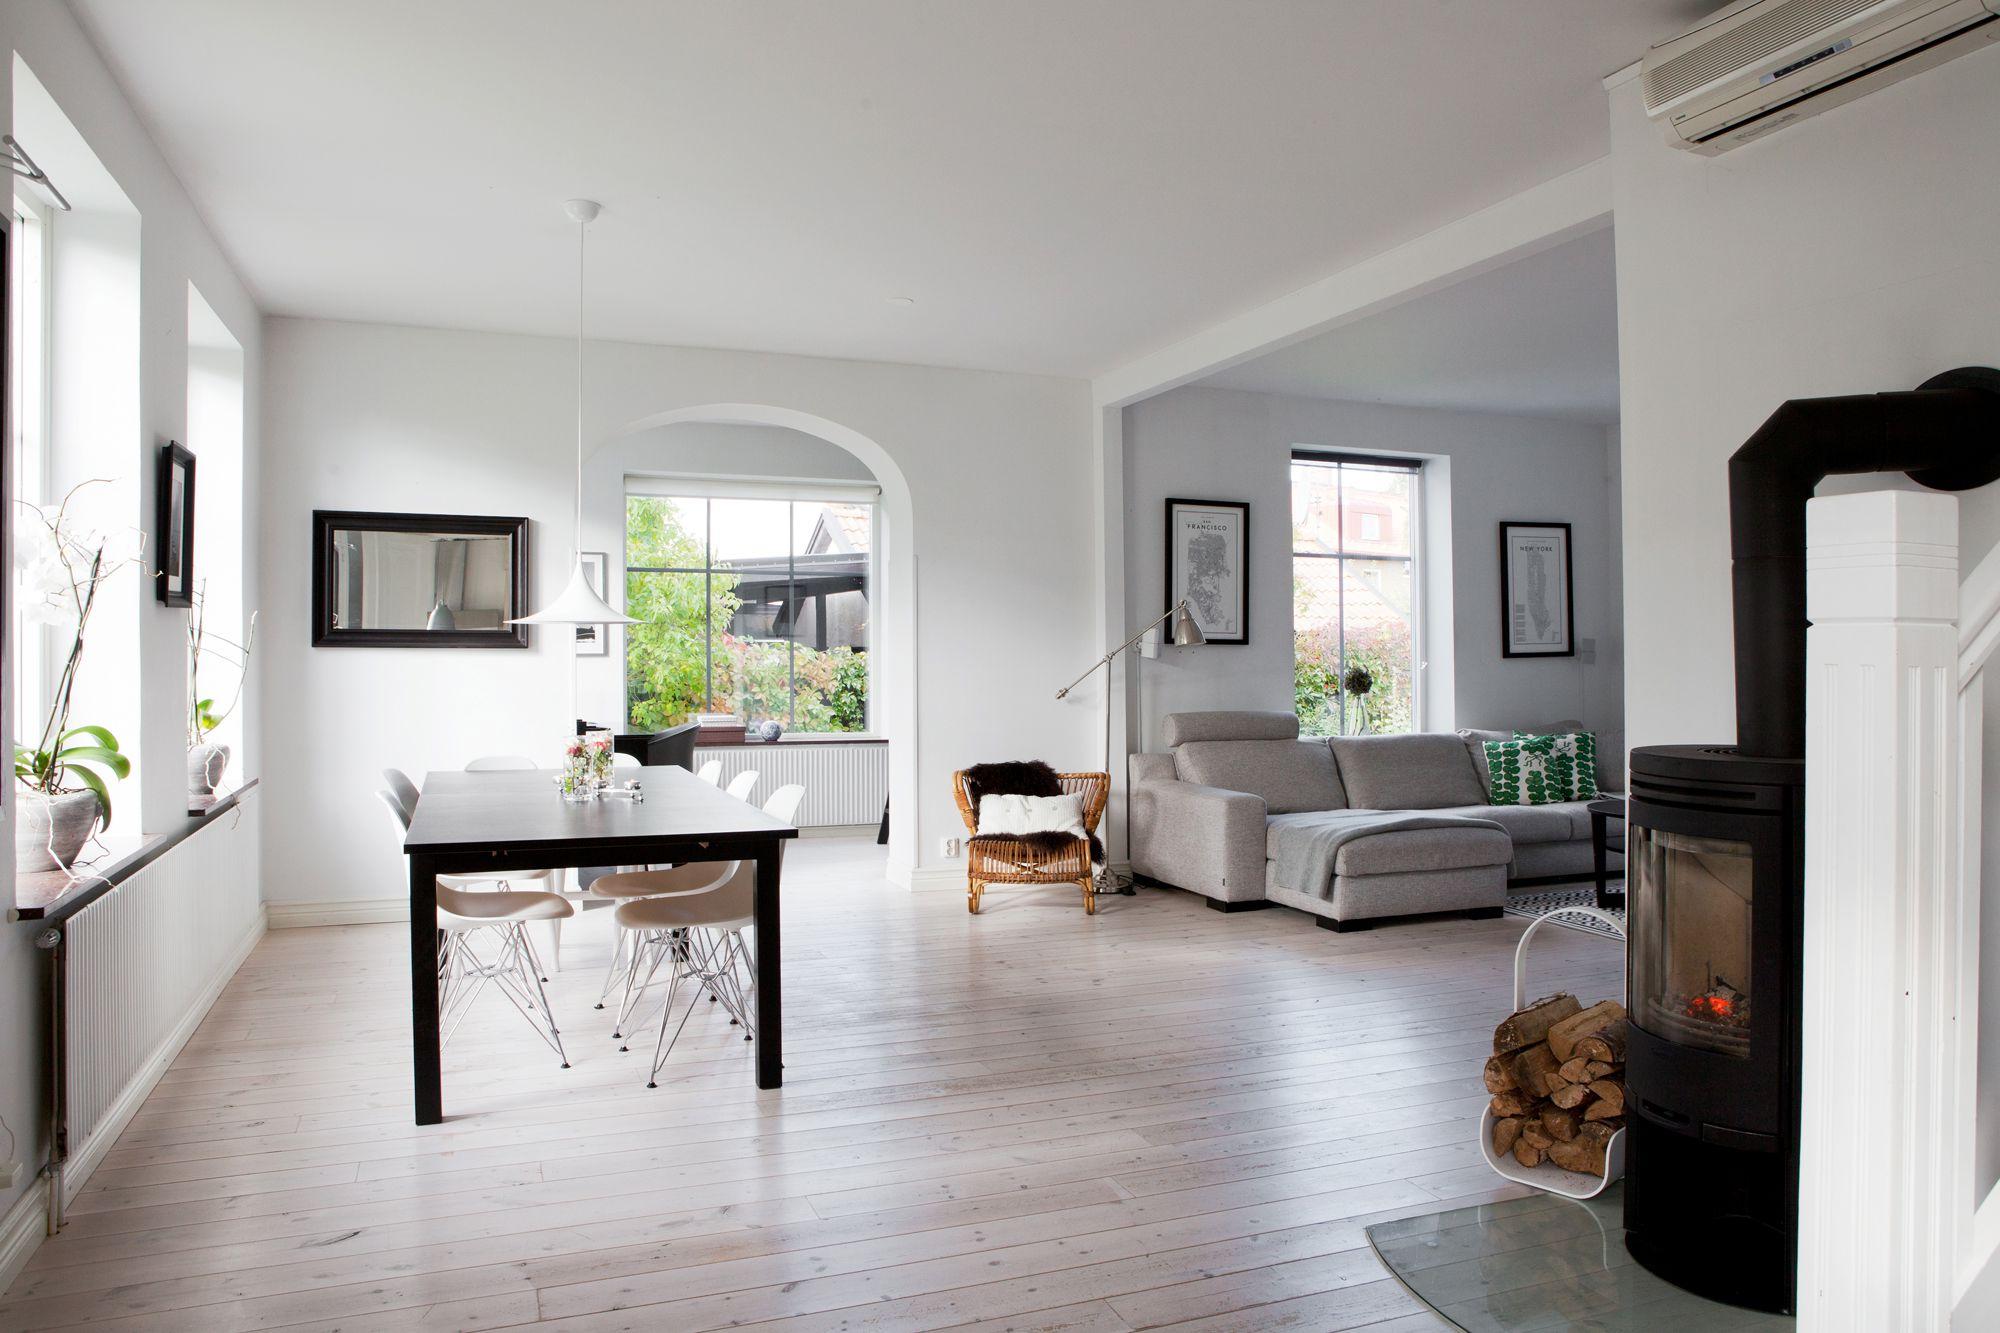 sillas eames muebles de diseo e ikea las casas nrdicas modernas estilo nrdico escandinavo decoracion en